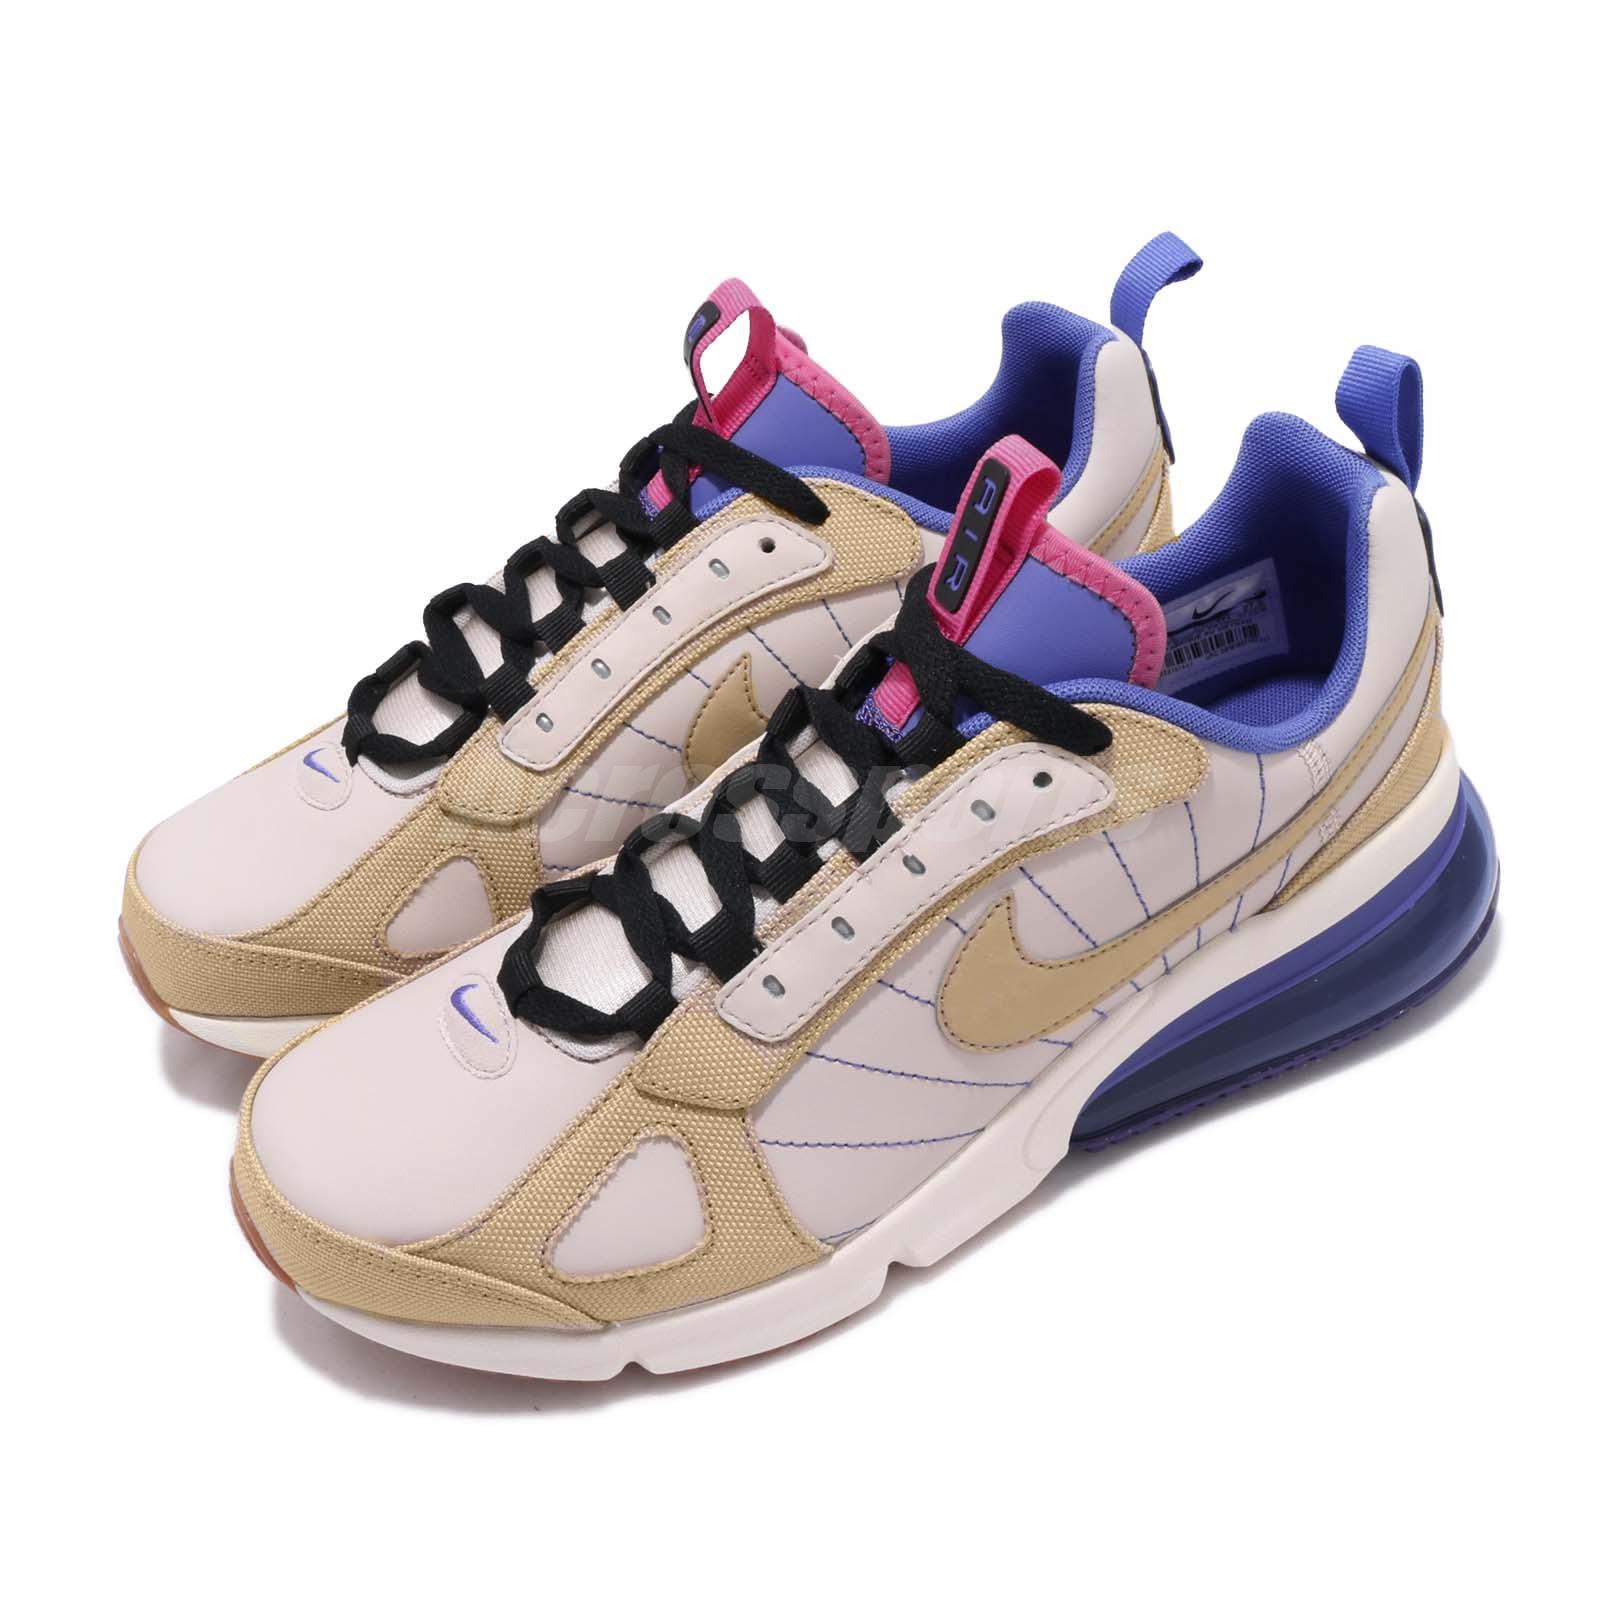 Details about Nike Air Max 270 Futura SE Desert Sand Men Running Shoes Sneakers AV2151 002